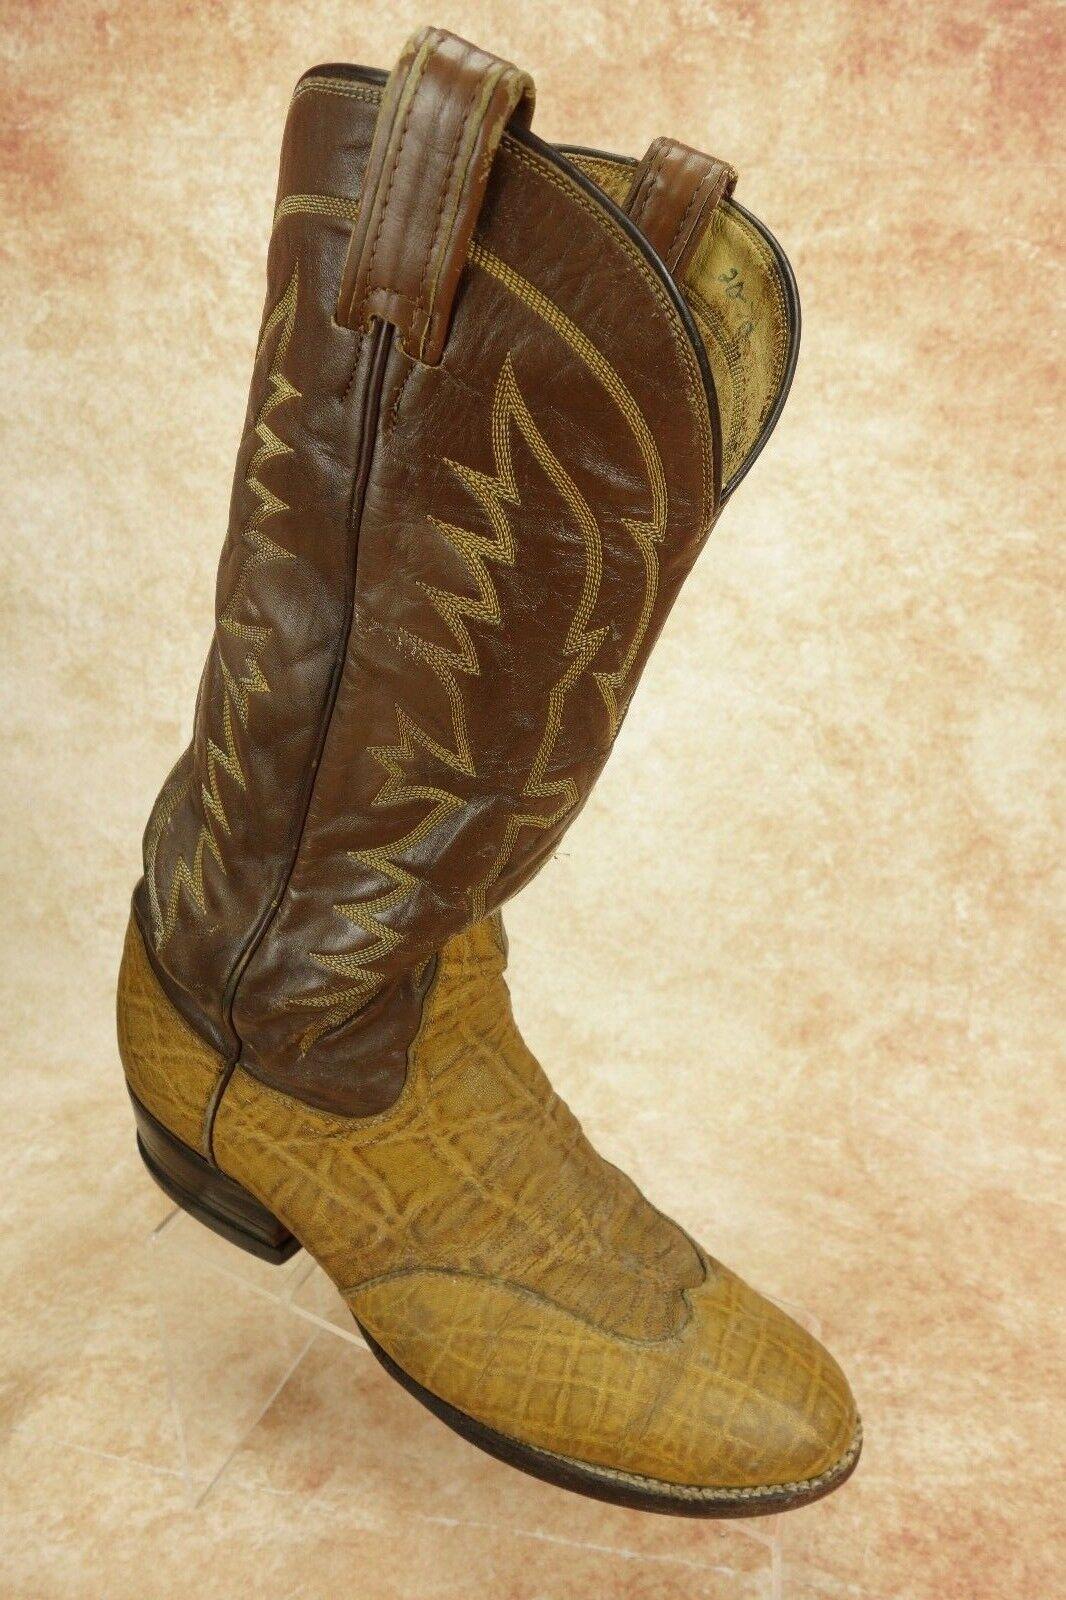 abcb7d8a3a Vintage Lama negro Label Miel marrón punta del Elefante Estampado botas De  Vaquero 9B ala Toney nnkmra9680-Botas